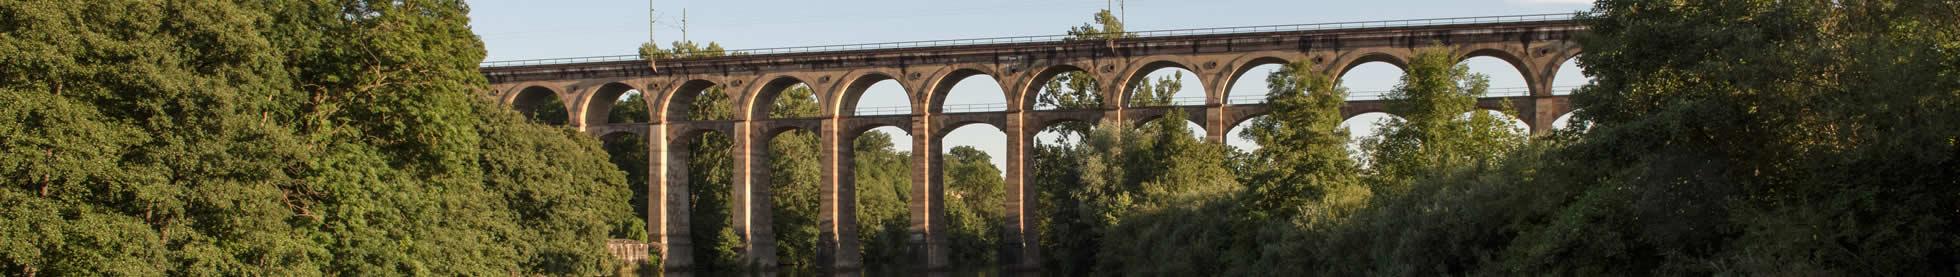 Viadukt über der Enz